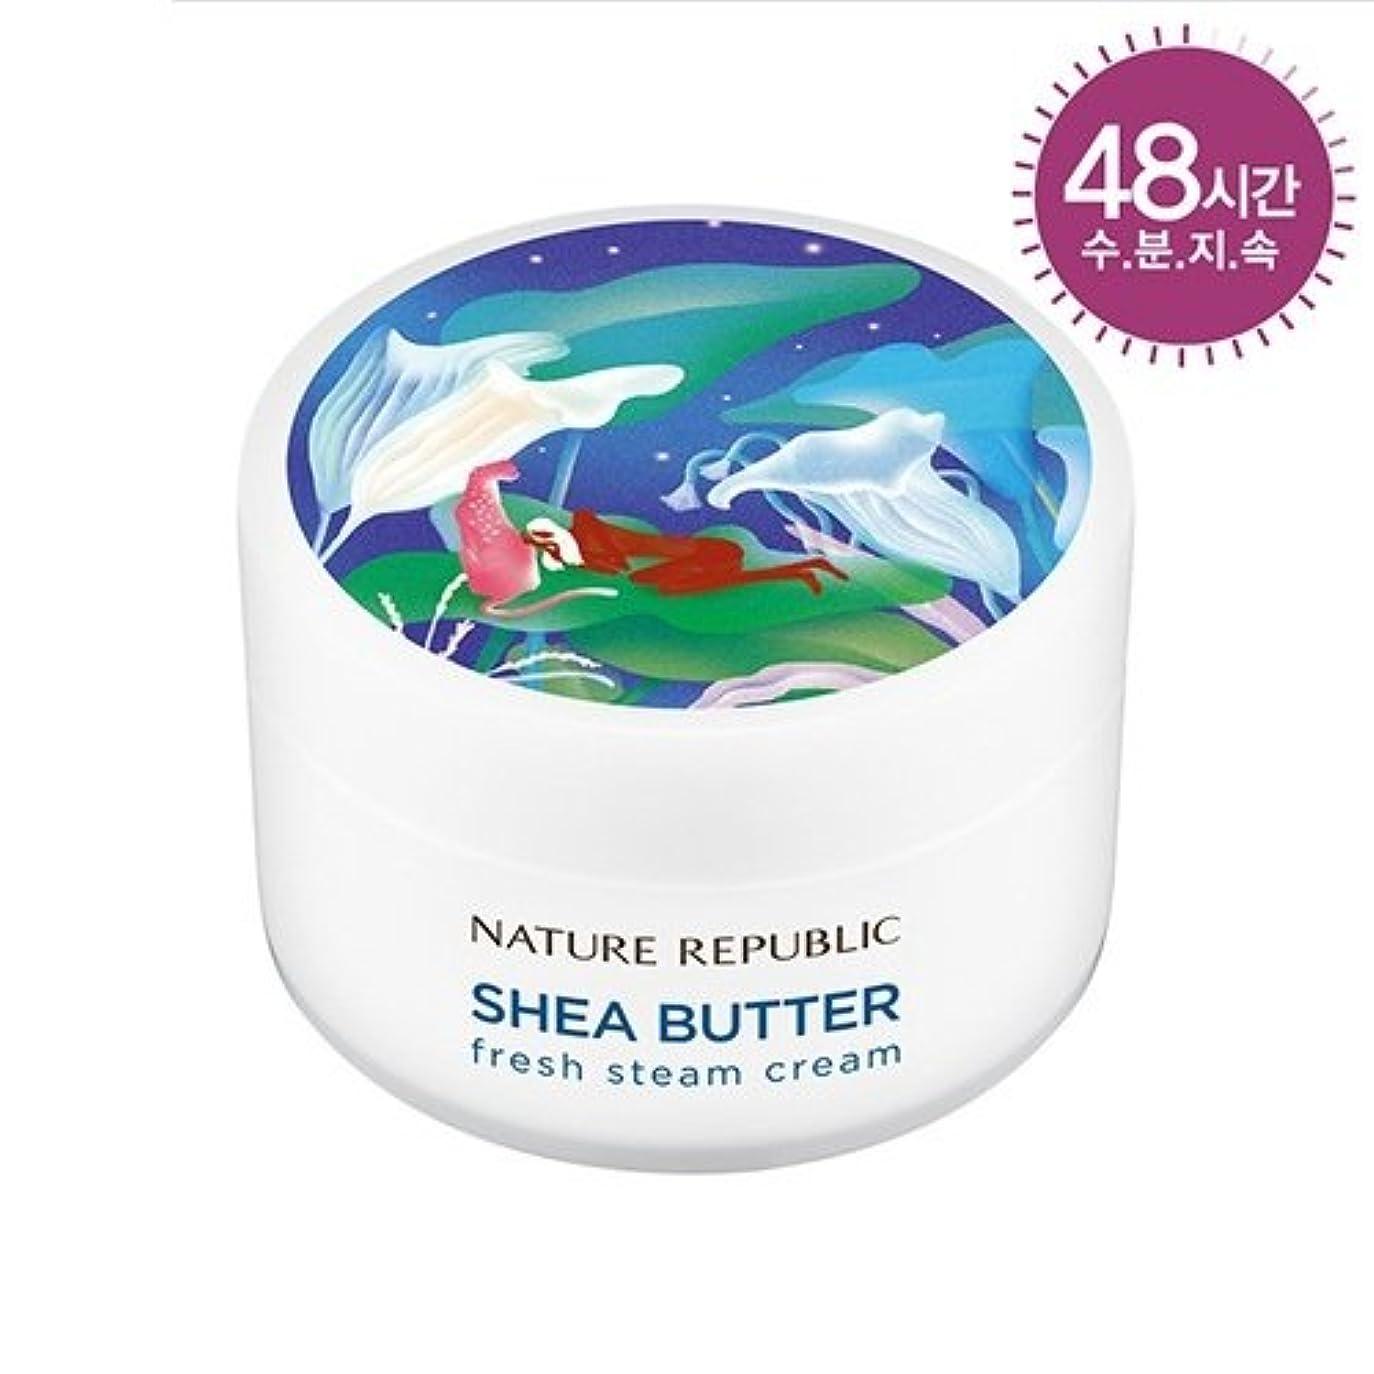 賞バースト終点NATURE REPUBLIC(ネイチャーリパブリック) SHEA BUTTER STEAM CREAM シアバター スチーム クリーム #フレッシュスオイリー肌